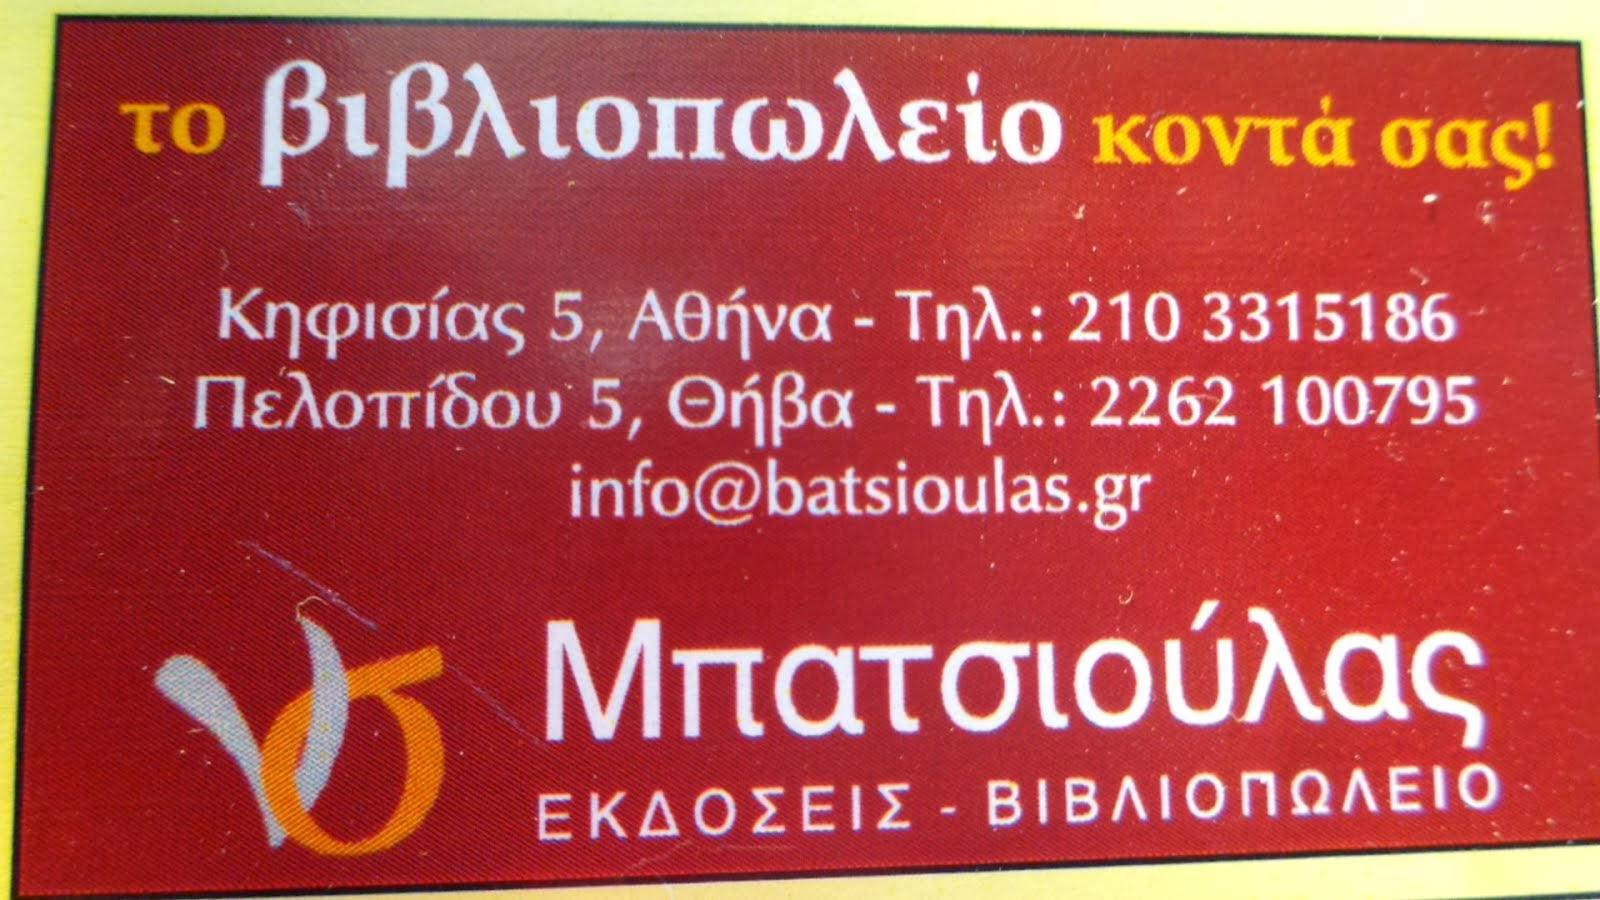 ΒΙΒΛΙΟΠΩΛΕΙΟ ΜΠΑΤΣΟΥΛΑΣ